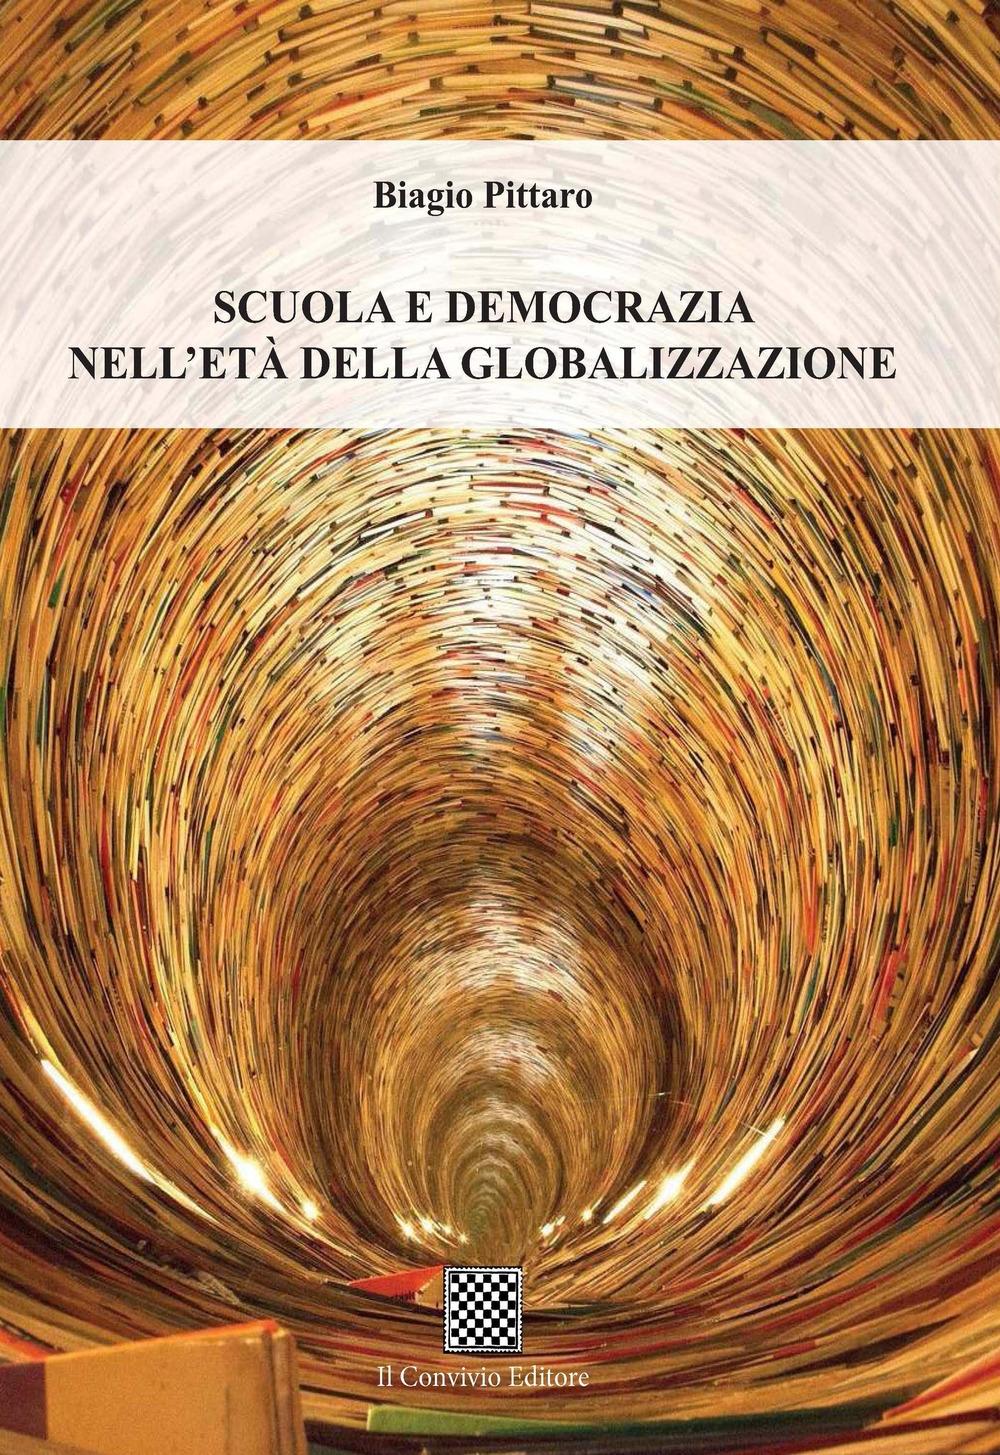 Scuola e democrazia nell'età della globalizzazione